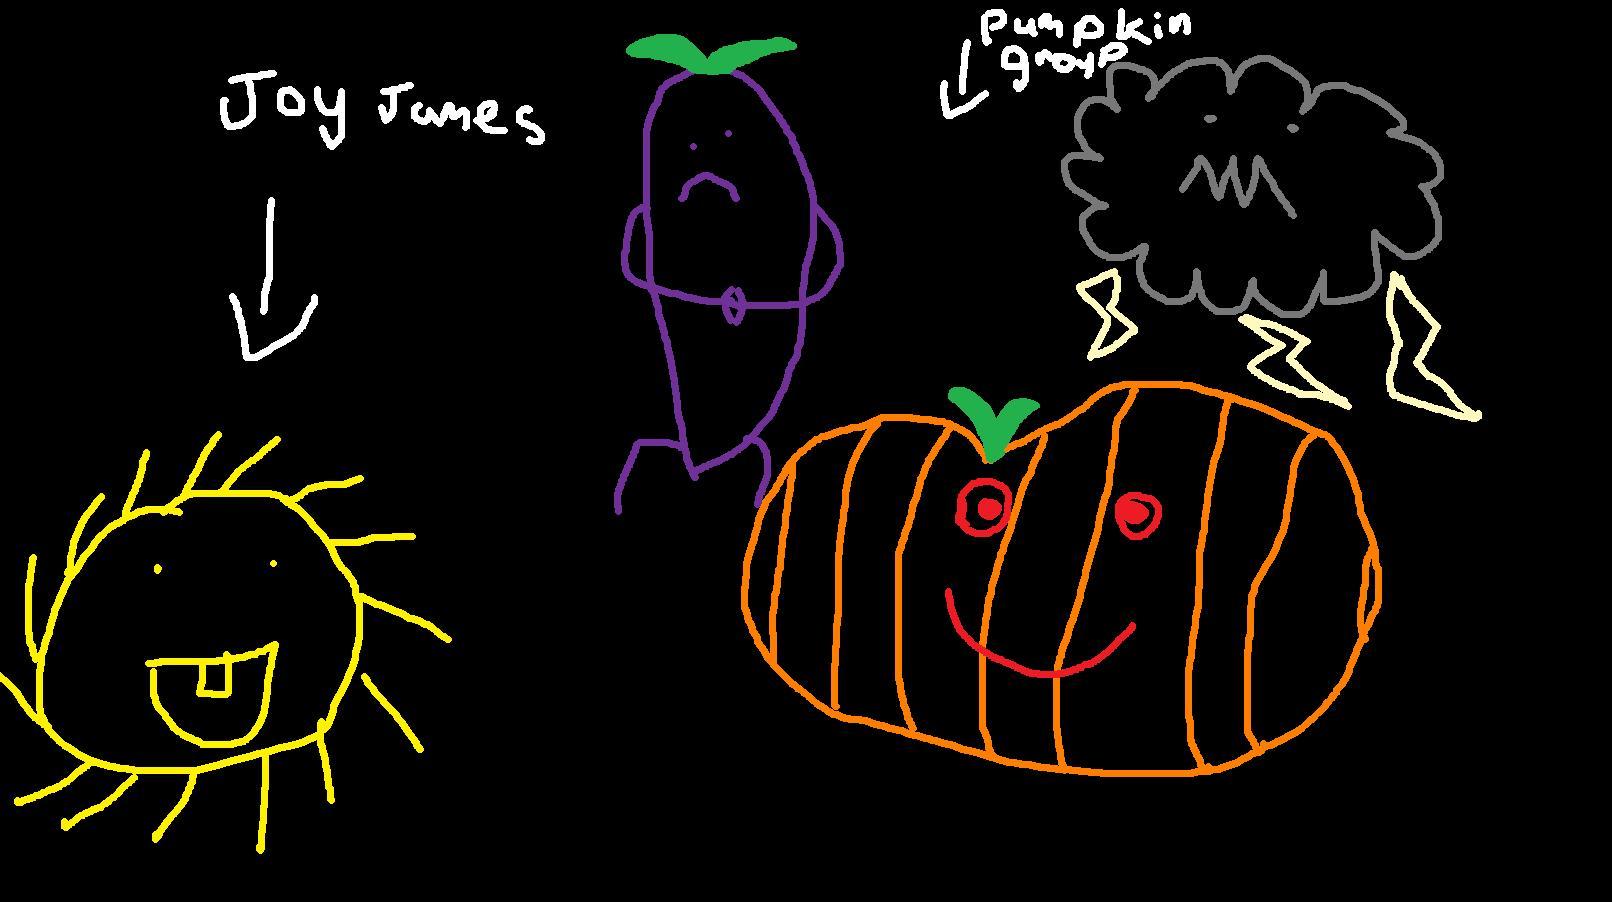 Joy James and pumpkin group